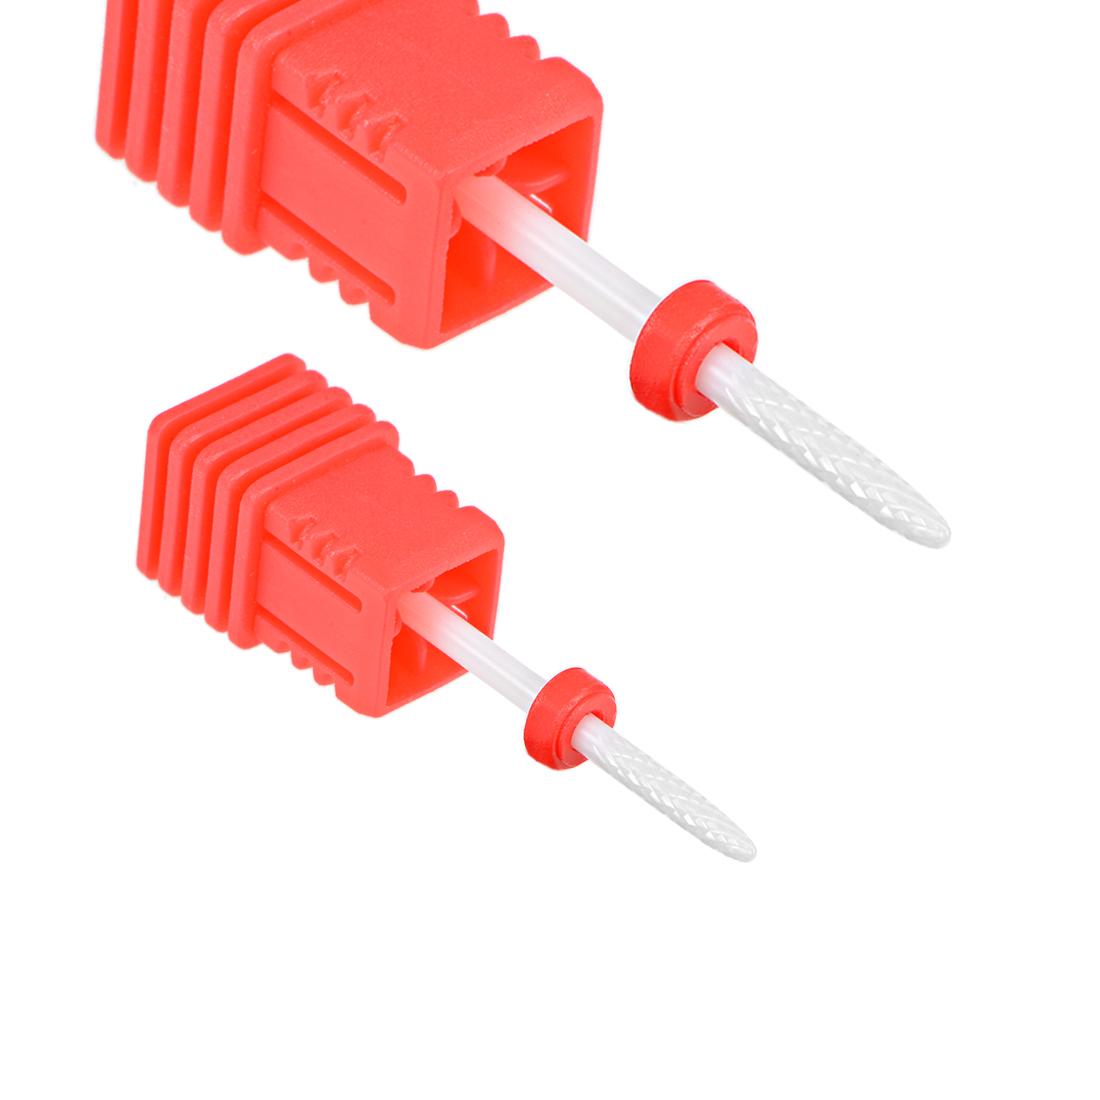 2pcs Ceramic Nail Drill Bit 3/32 Fine Grit for Manicure Pedicure Nail Polishing